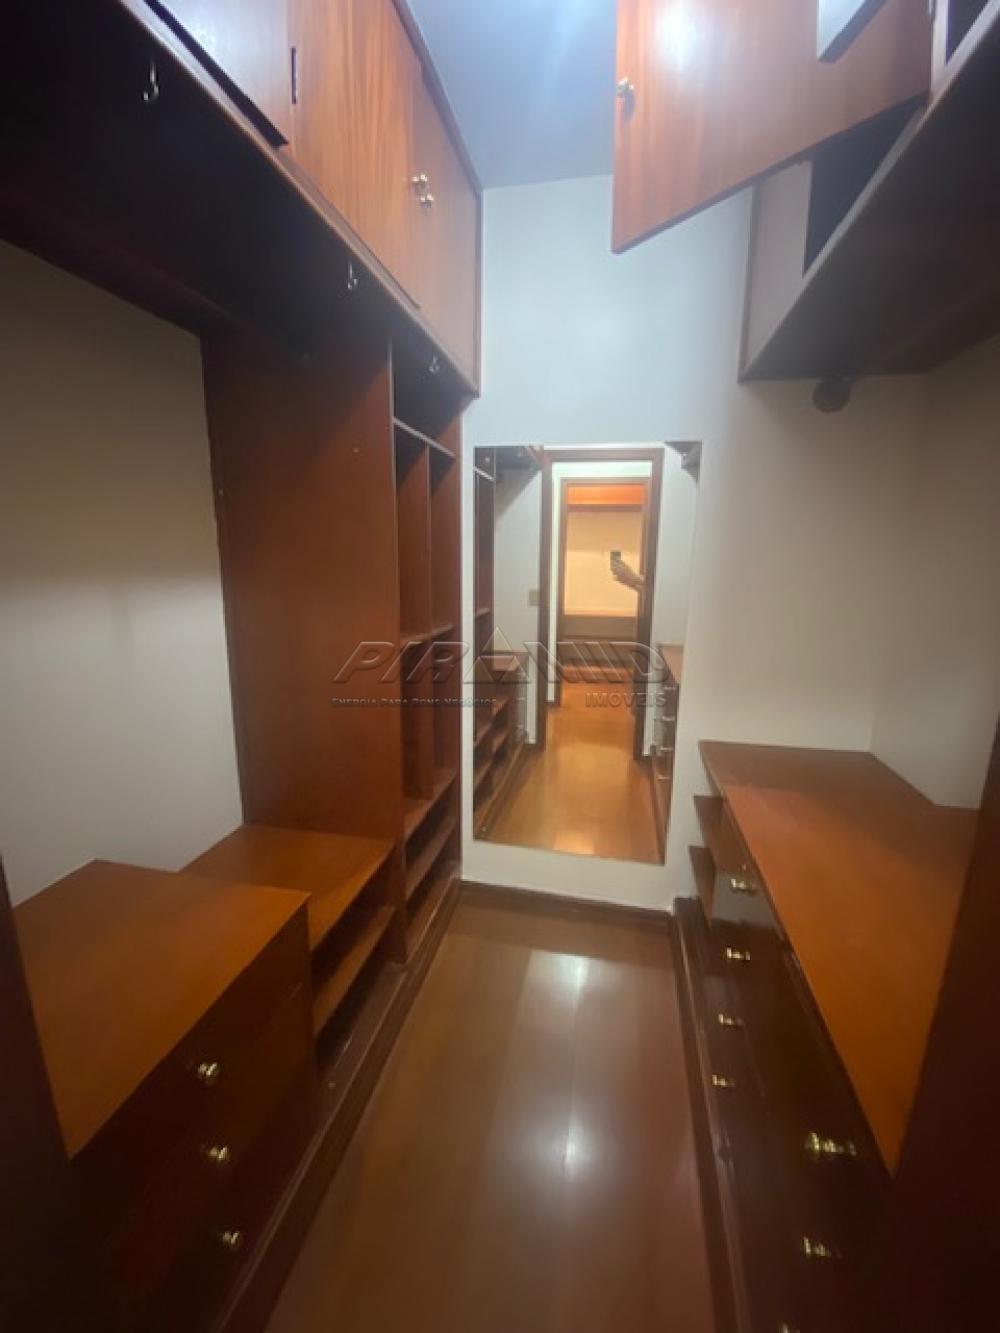 Alugar Casa / Condomínio em Bonfim Paulista R$ 8.000,00 - Foto 15